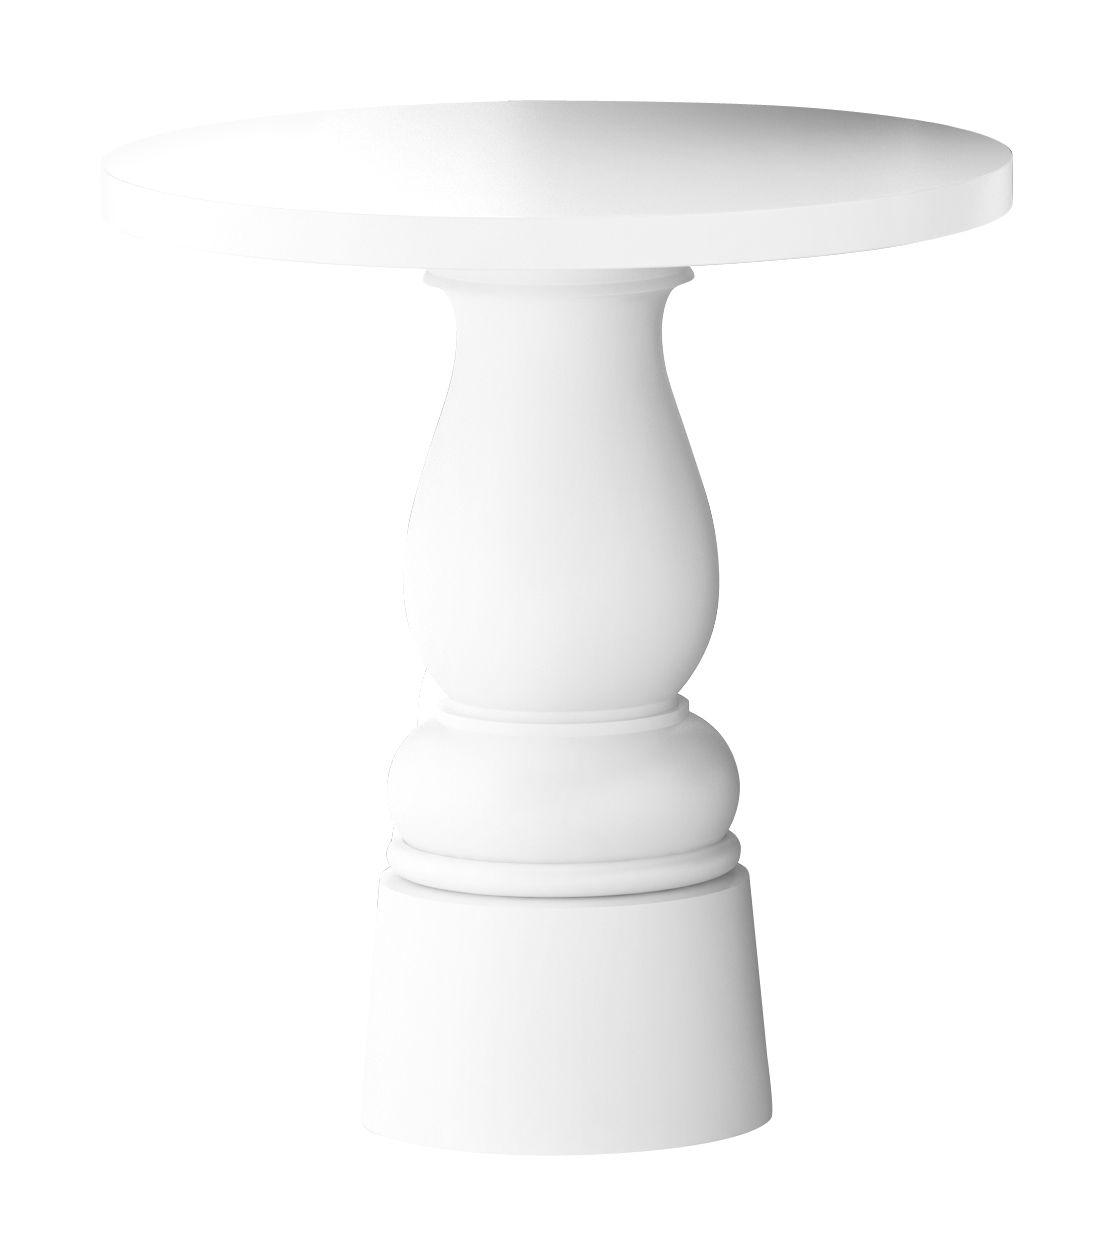 Outdoor - Tavoli  - Accessorio tavolo / Pied pour table Container New Antique - Ø 32 x H 71 cm - Per piano d'appoggio Ø 70 cm di Moooi - Gamba colore bianco - Ø 32 x H 71 cm - Acciaio inossidabile, Polietilene